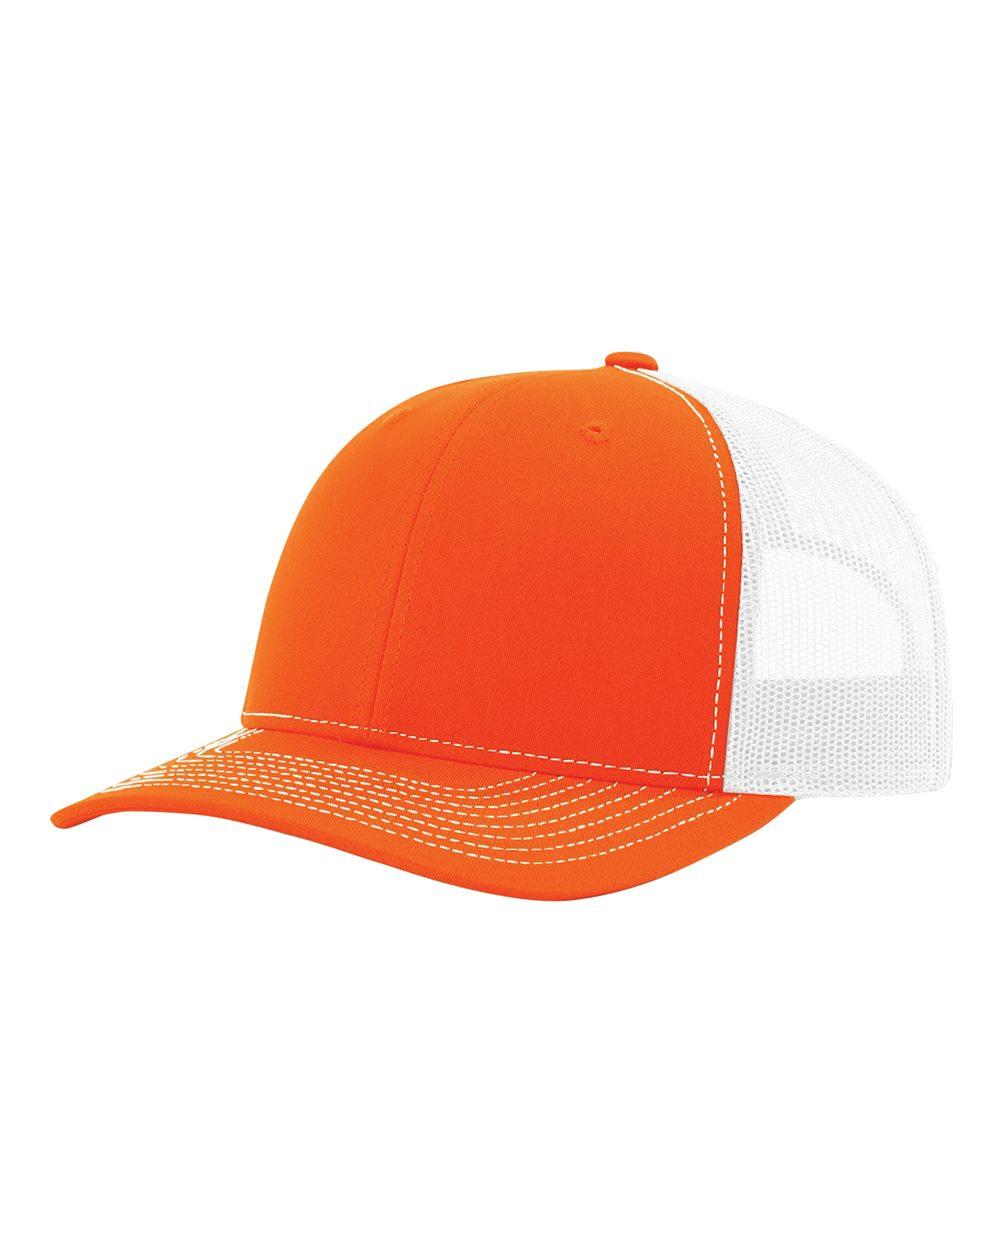 click to view Orange/ White